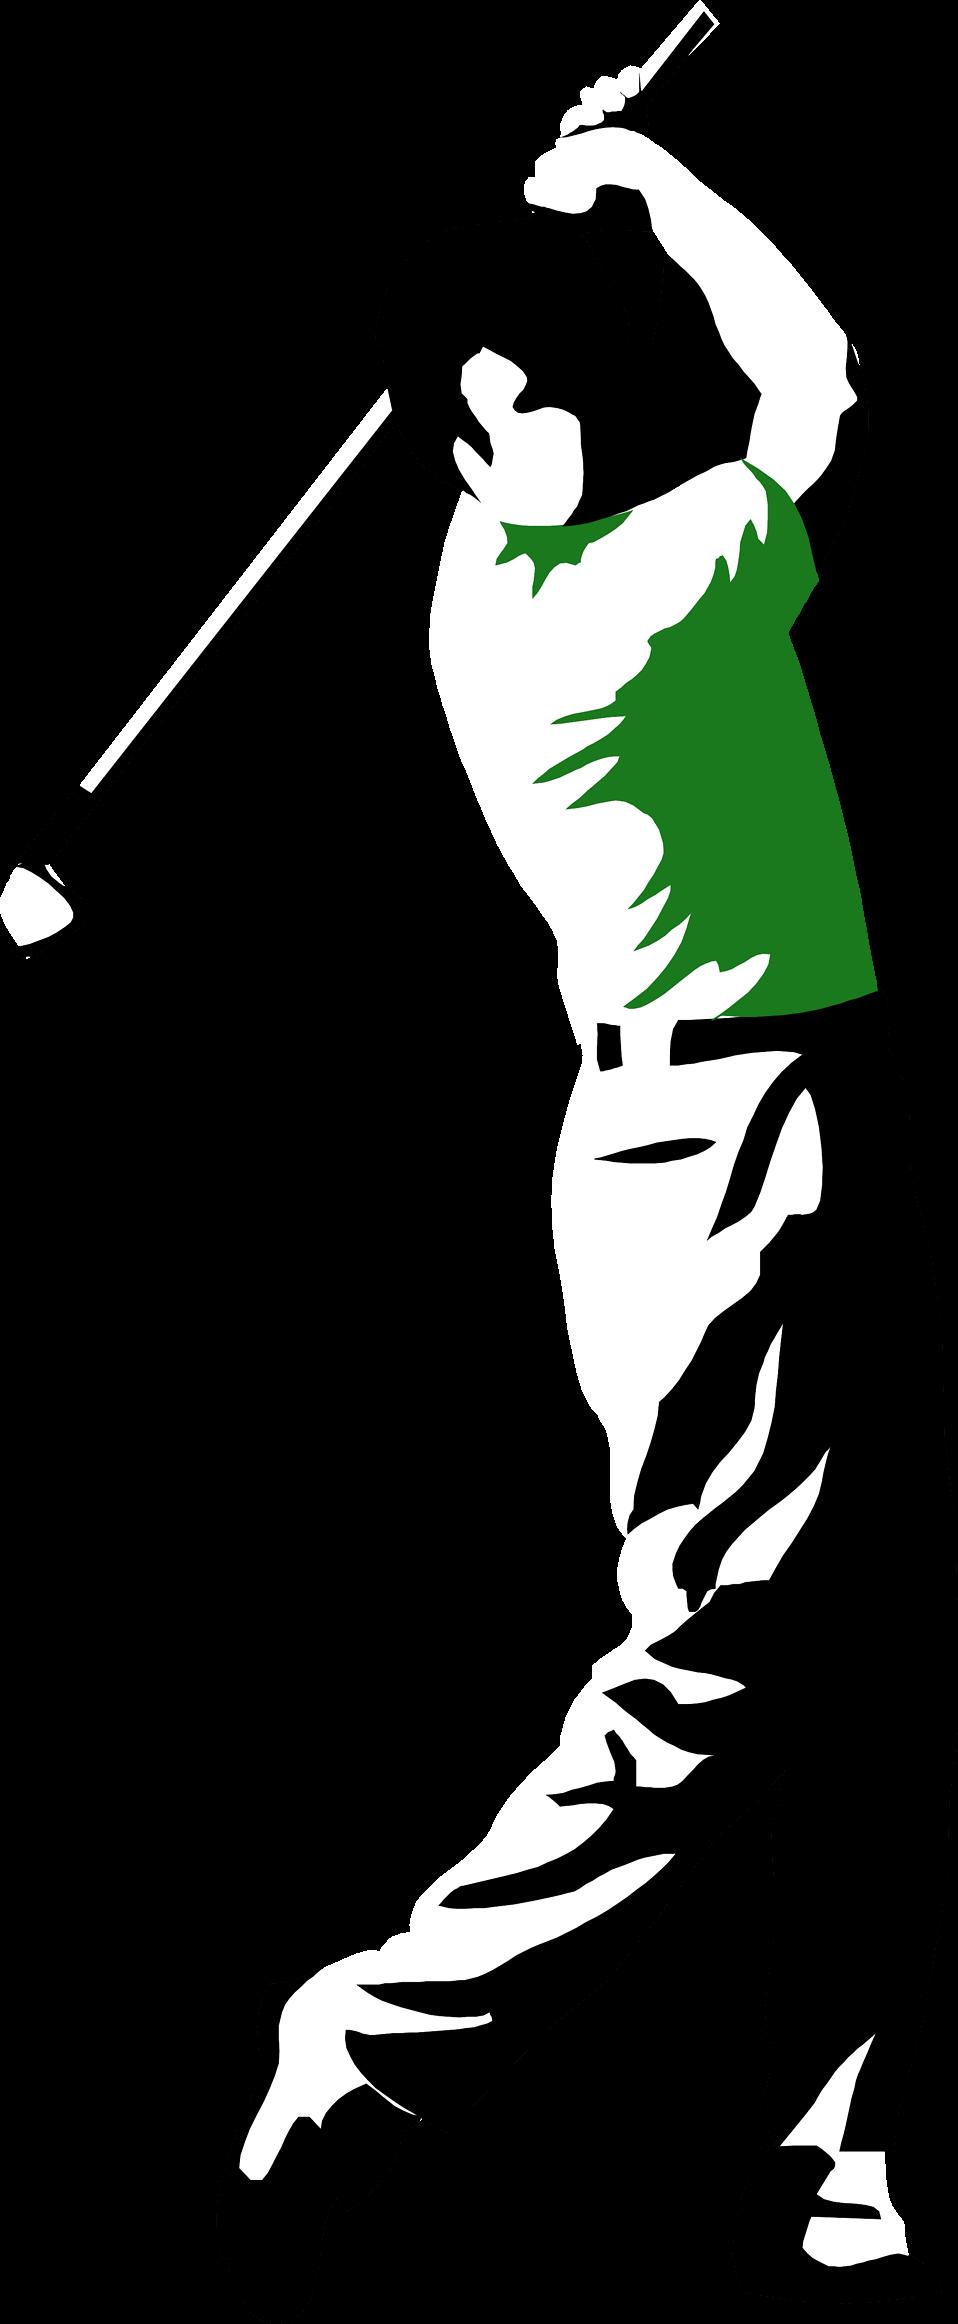 Golfing clipart golf winner. Man jokingart com golfer